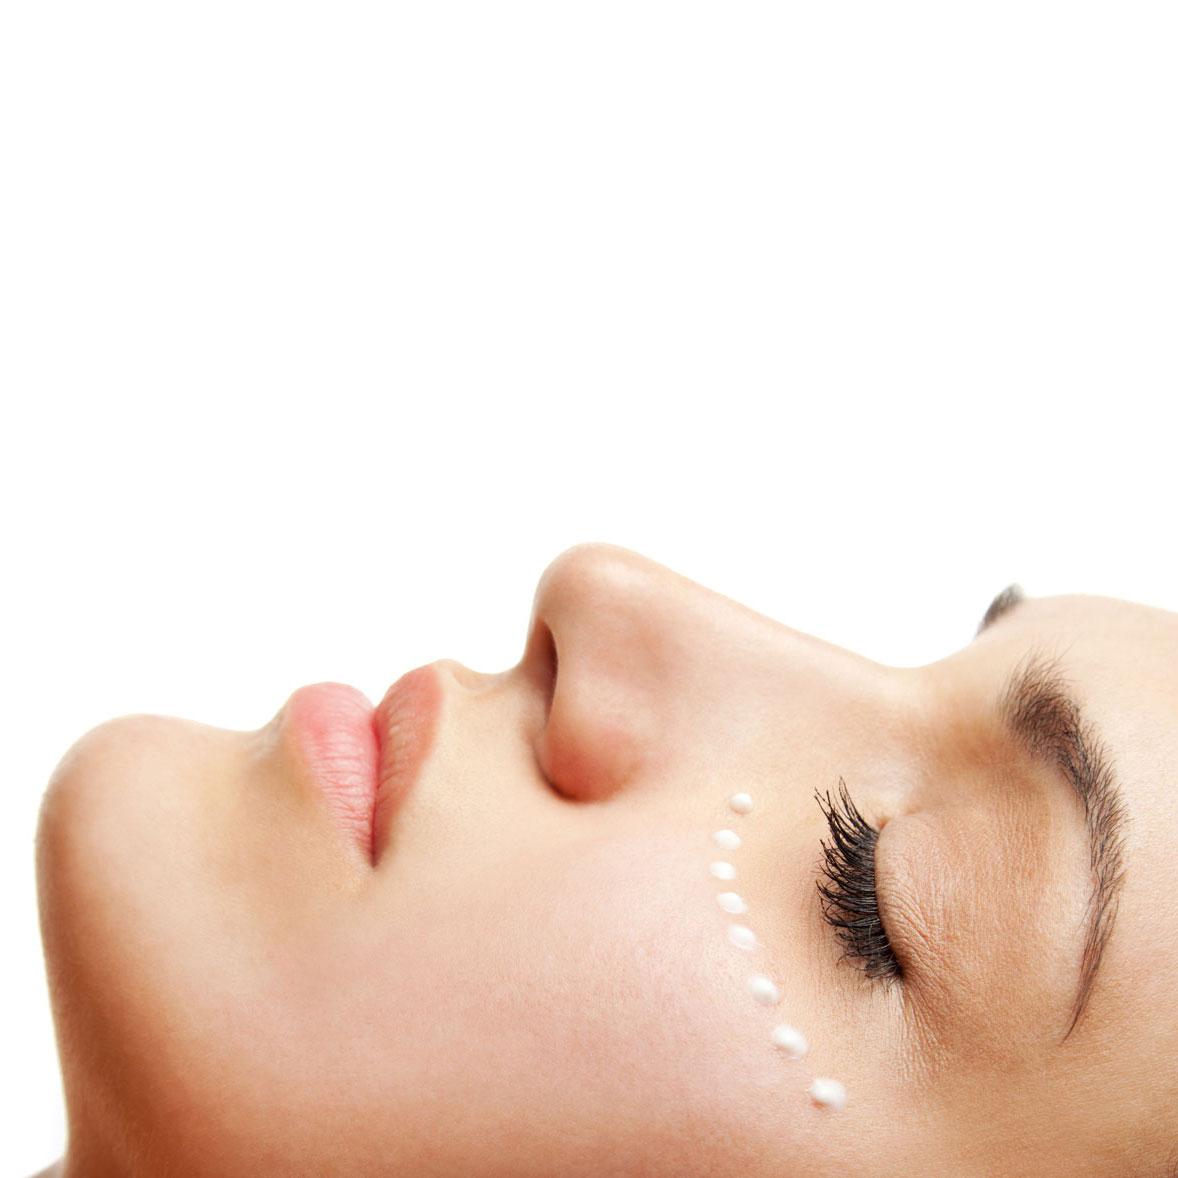 Incluye tratamiento facial reafirmante de la piel, incluso en pieles sensibles, que actúa rápidamente gracias a su sistema de hidrogel. Acción regeneradora y calmante. Da sensación de efecto botox sin inyecciones. La  mejor alternativa cosmética a los métodos más invasivos.